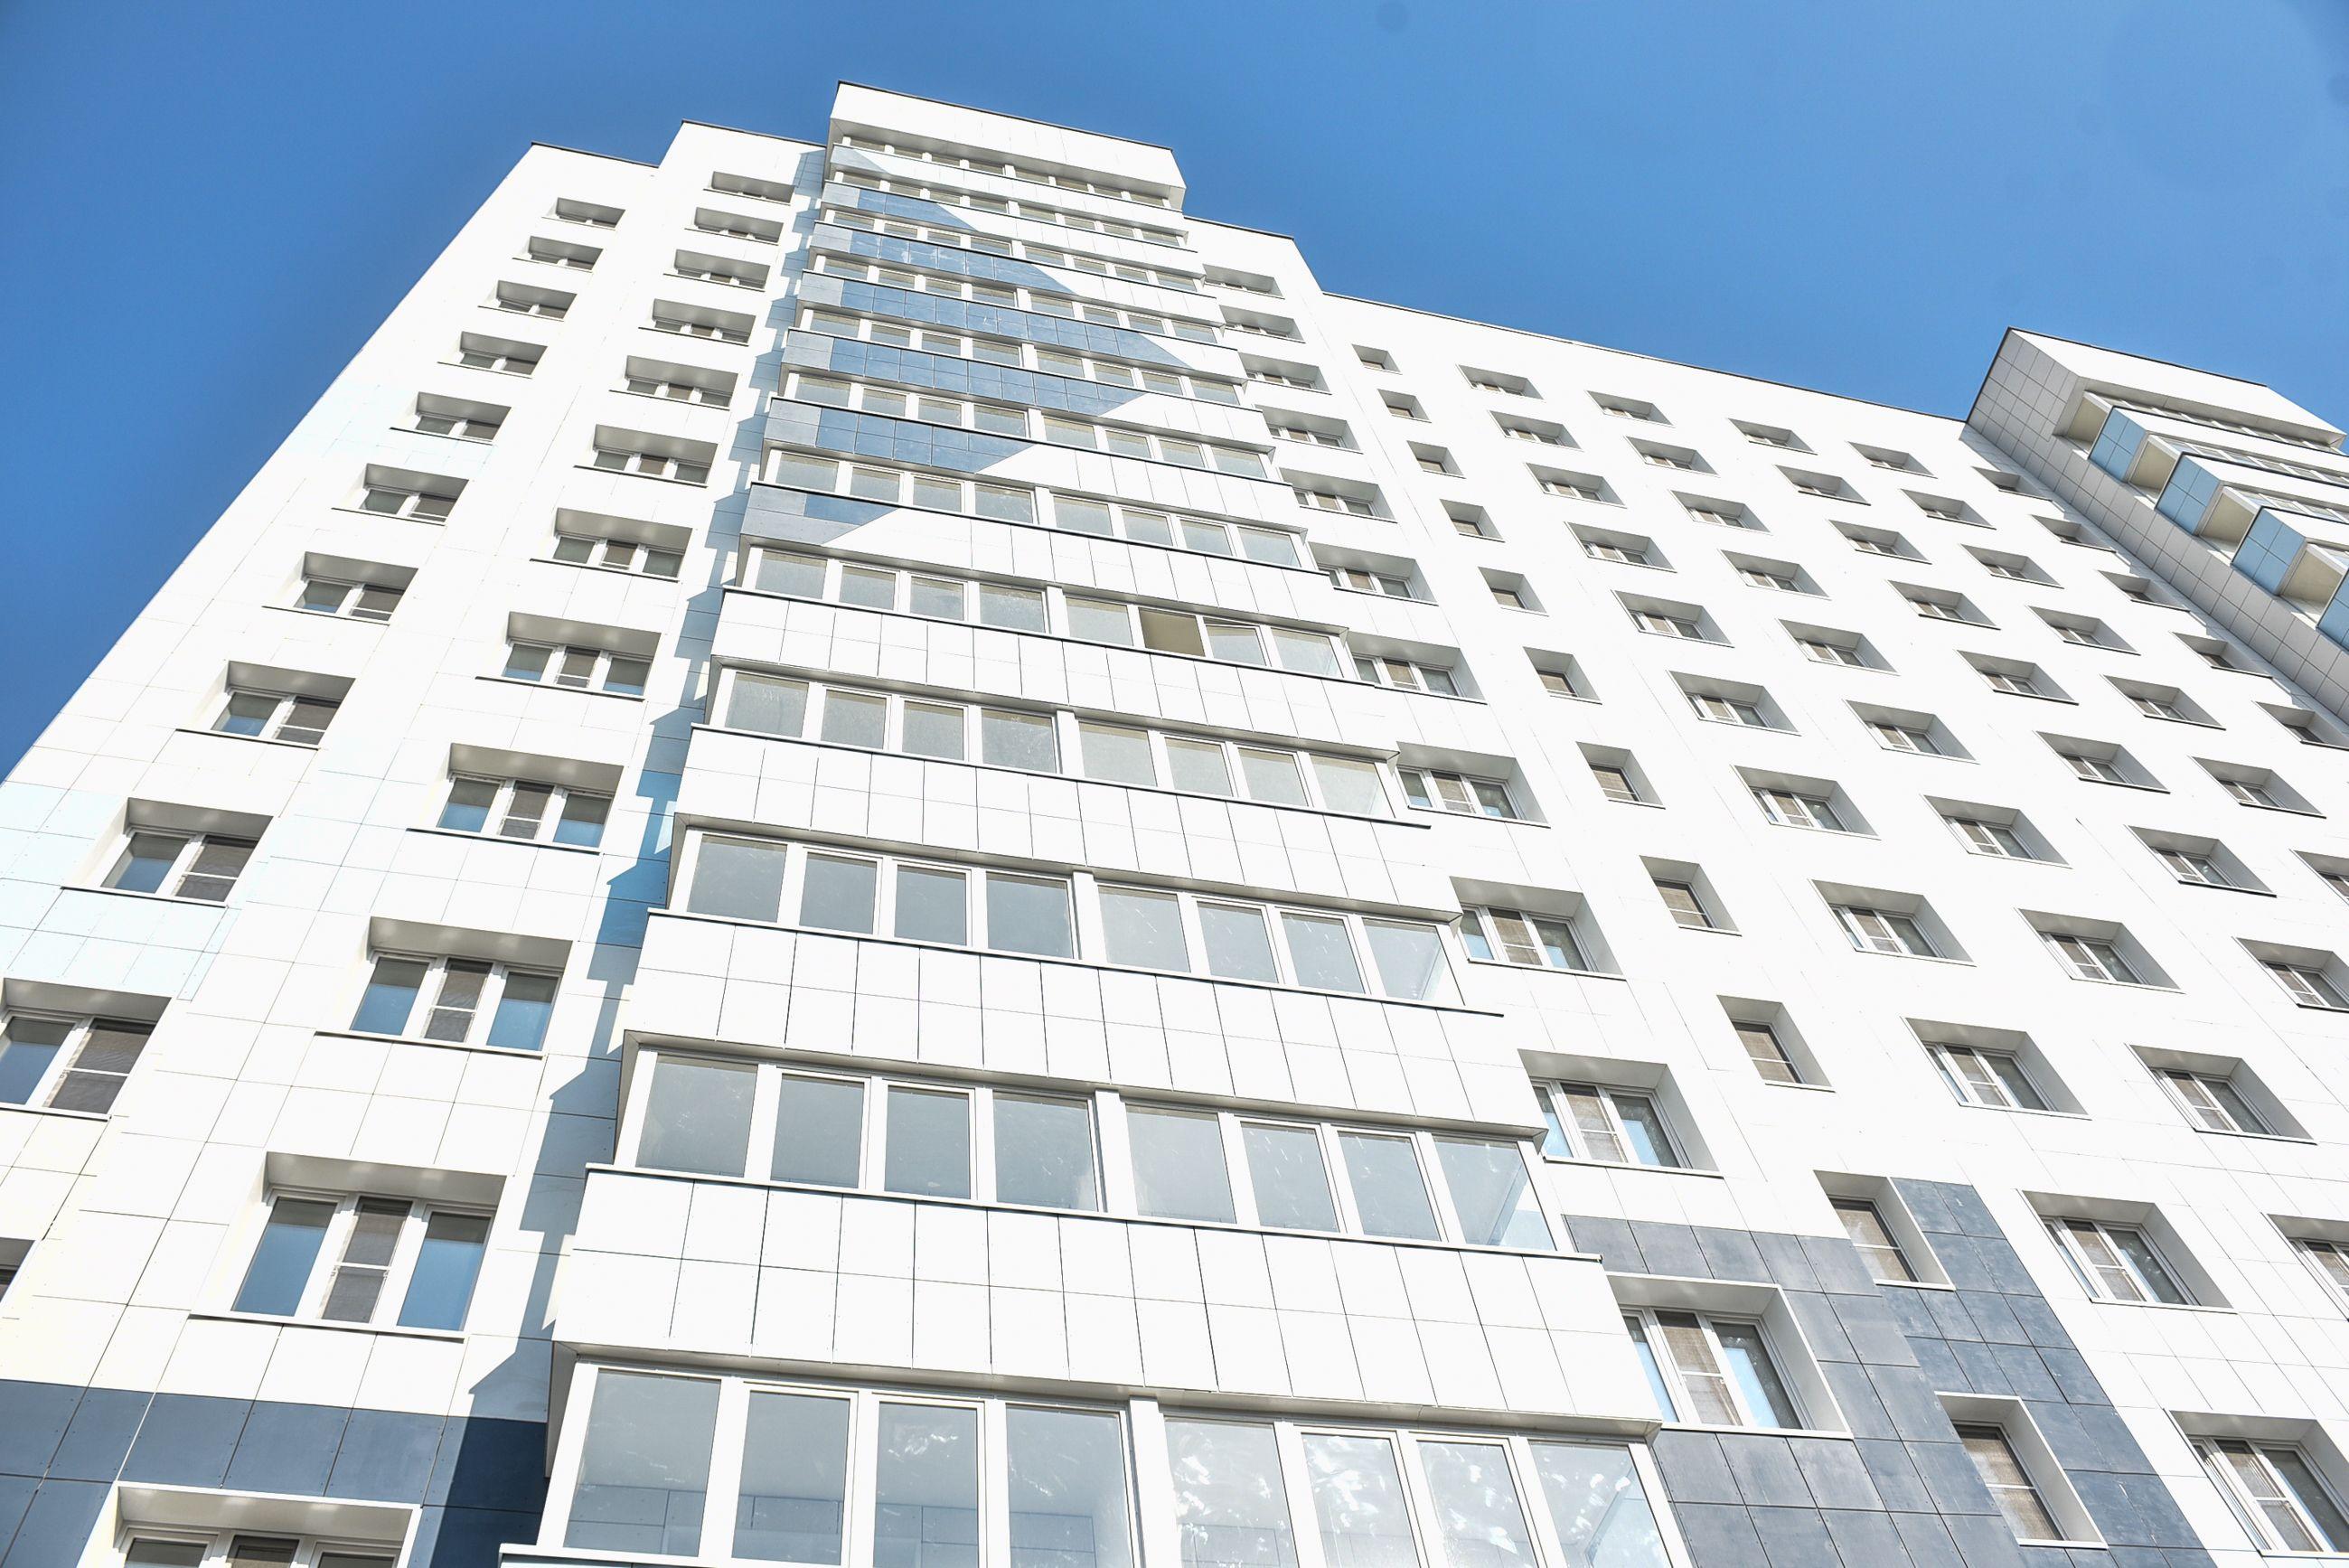 Более 9,5 тысячи сделок с использованием счетов эскроу зарегистрировали в Москве